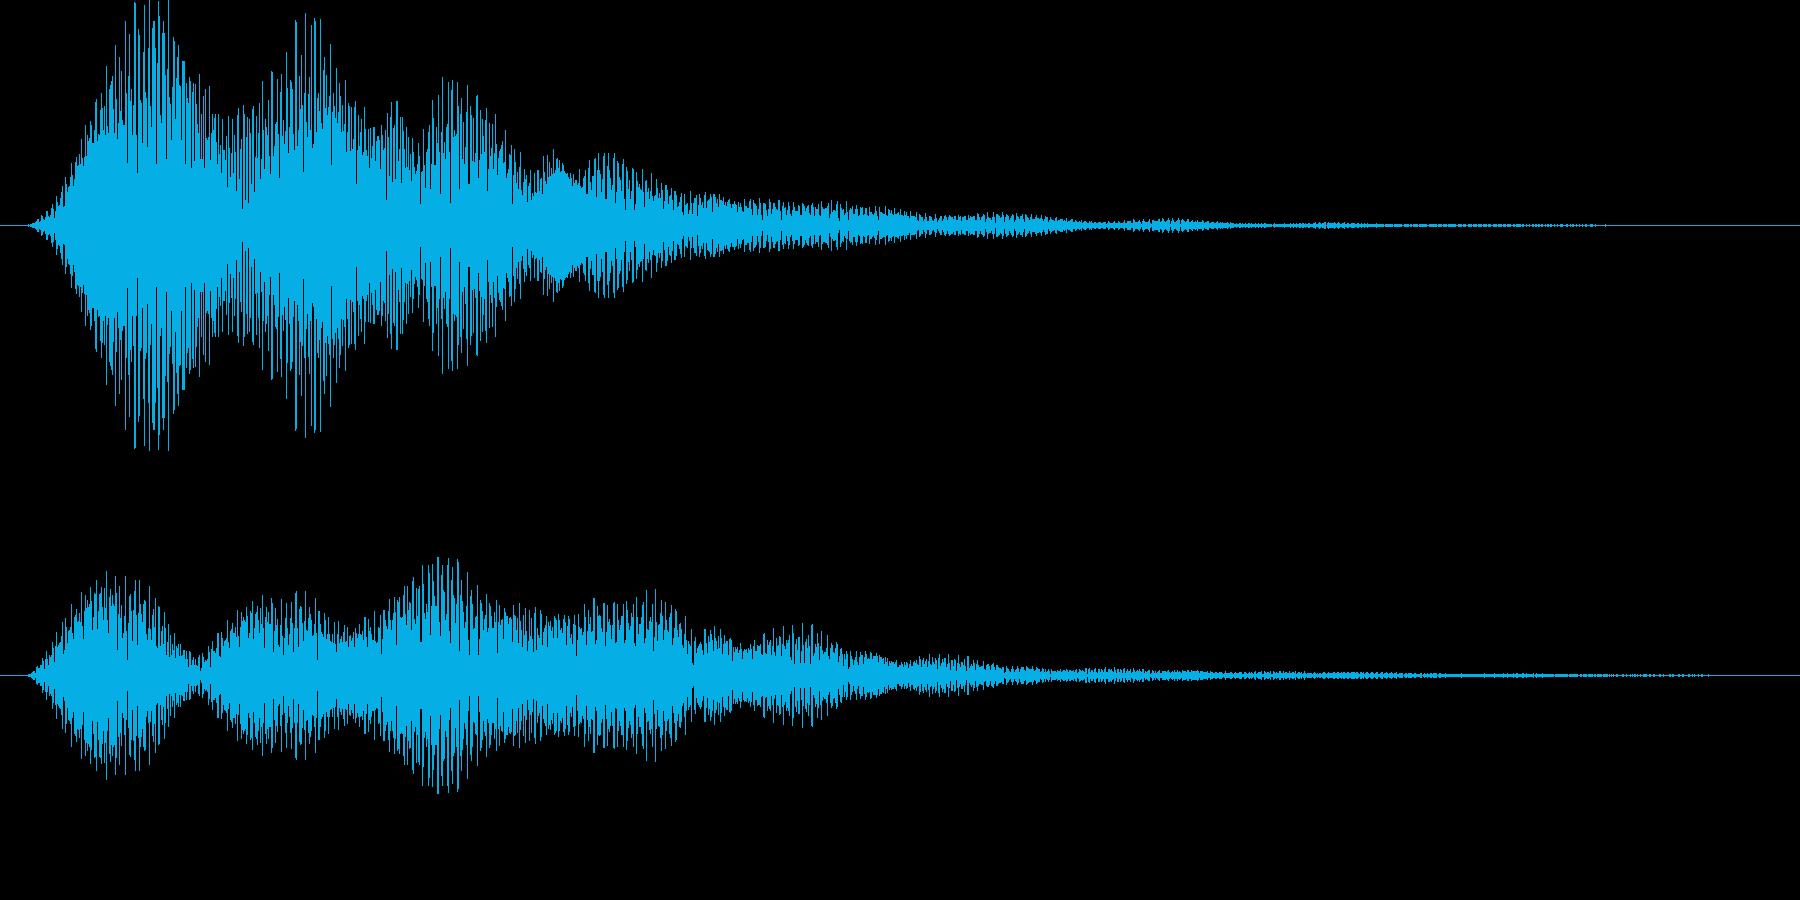 サウンドロゴ風プッシュボタンの再生済みの波形